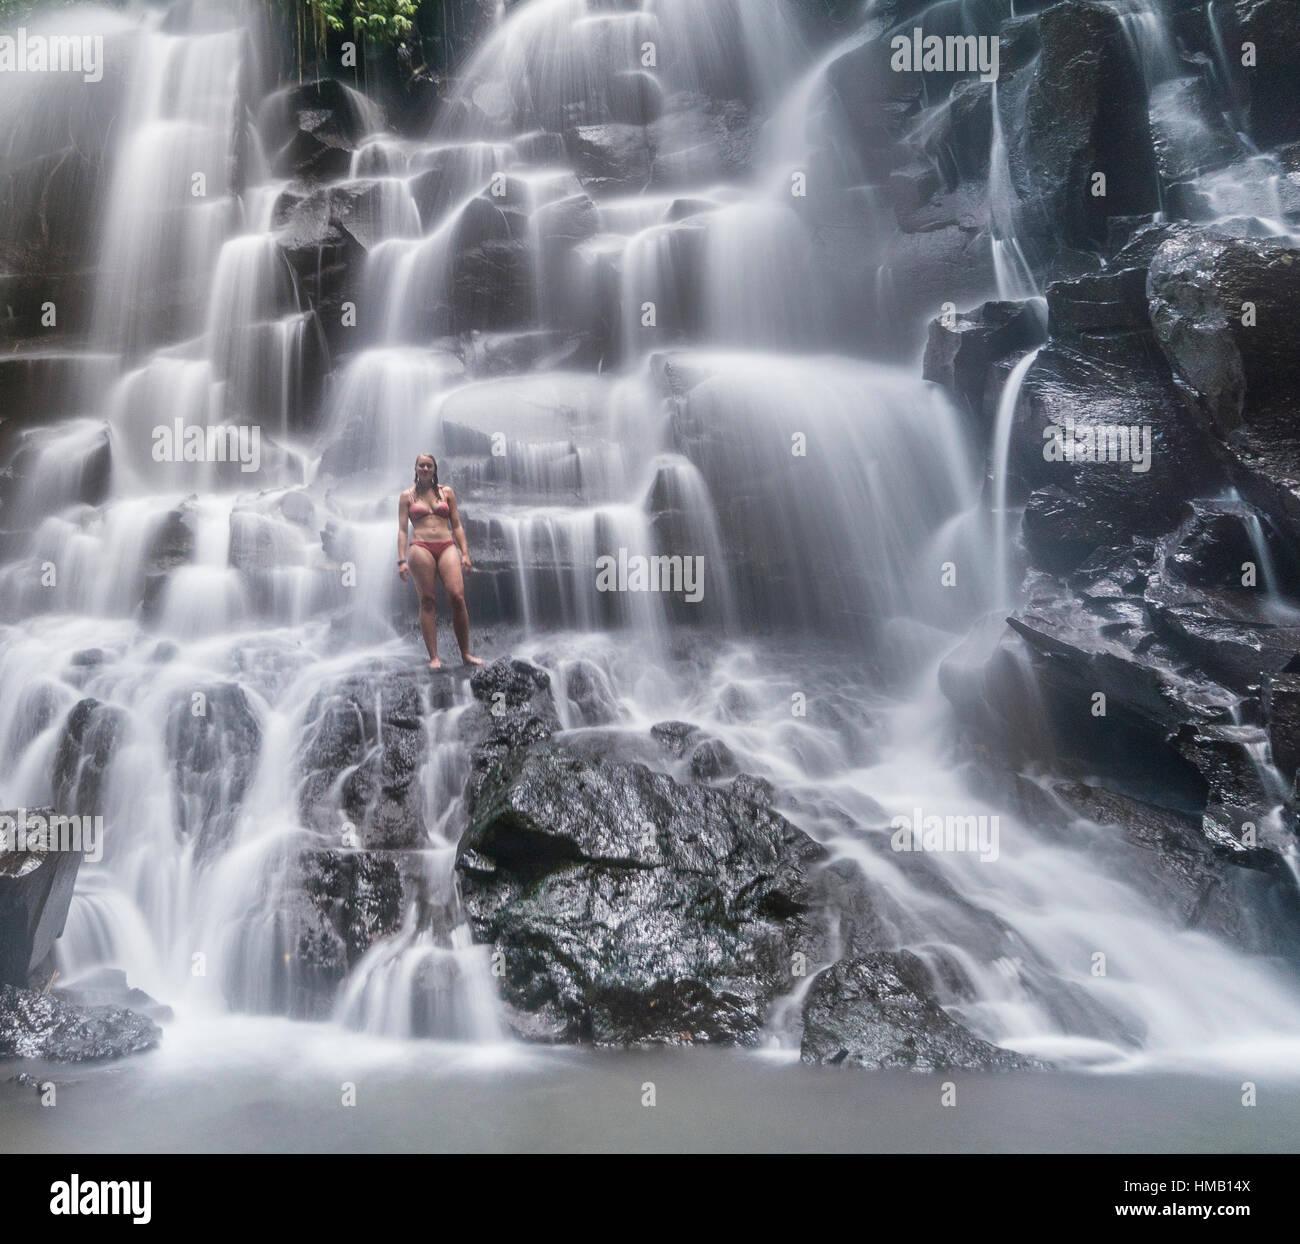 Woman standing in waterfall, Air Terjun Kanto Lampo, near Ubud, Bali, Indonesia - Stock Image